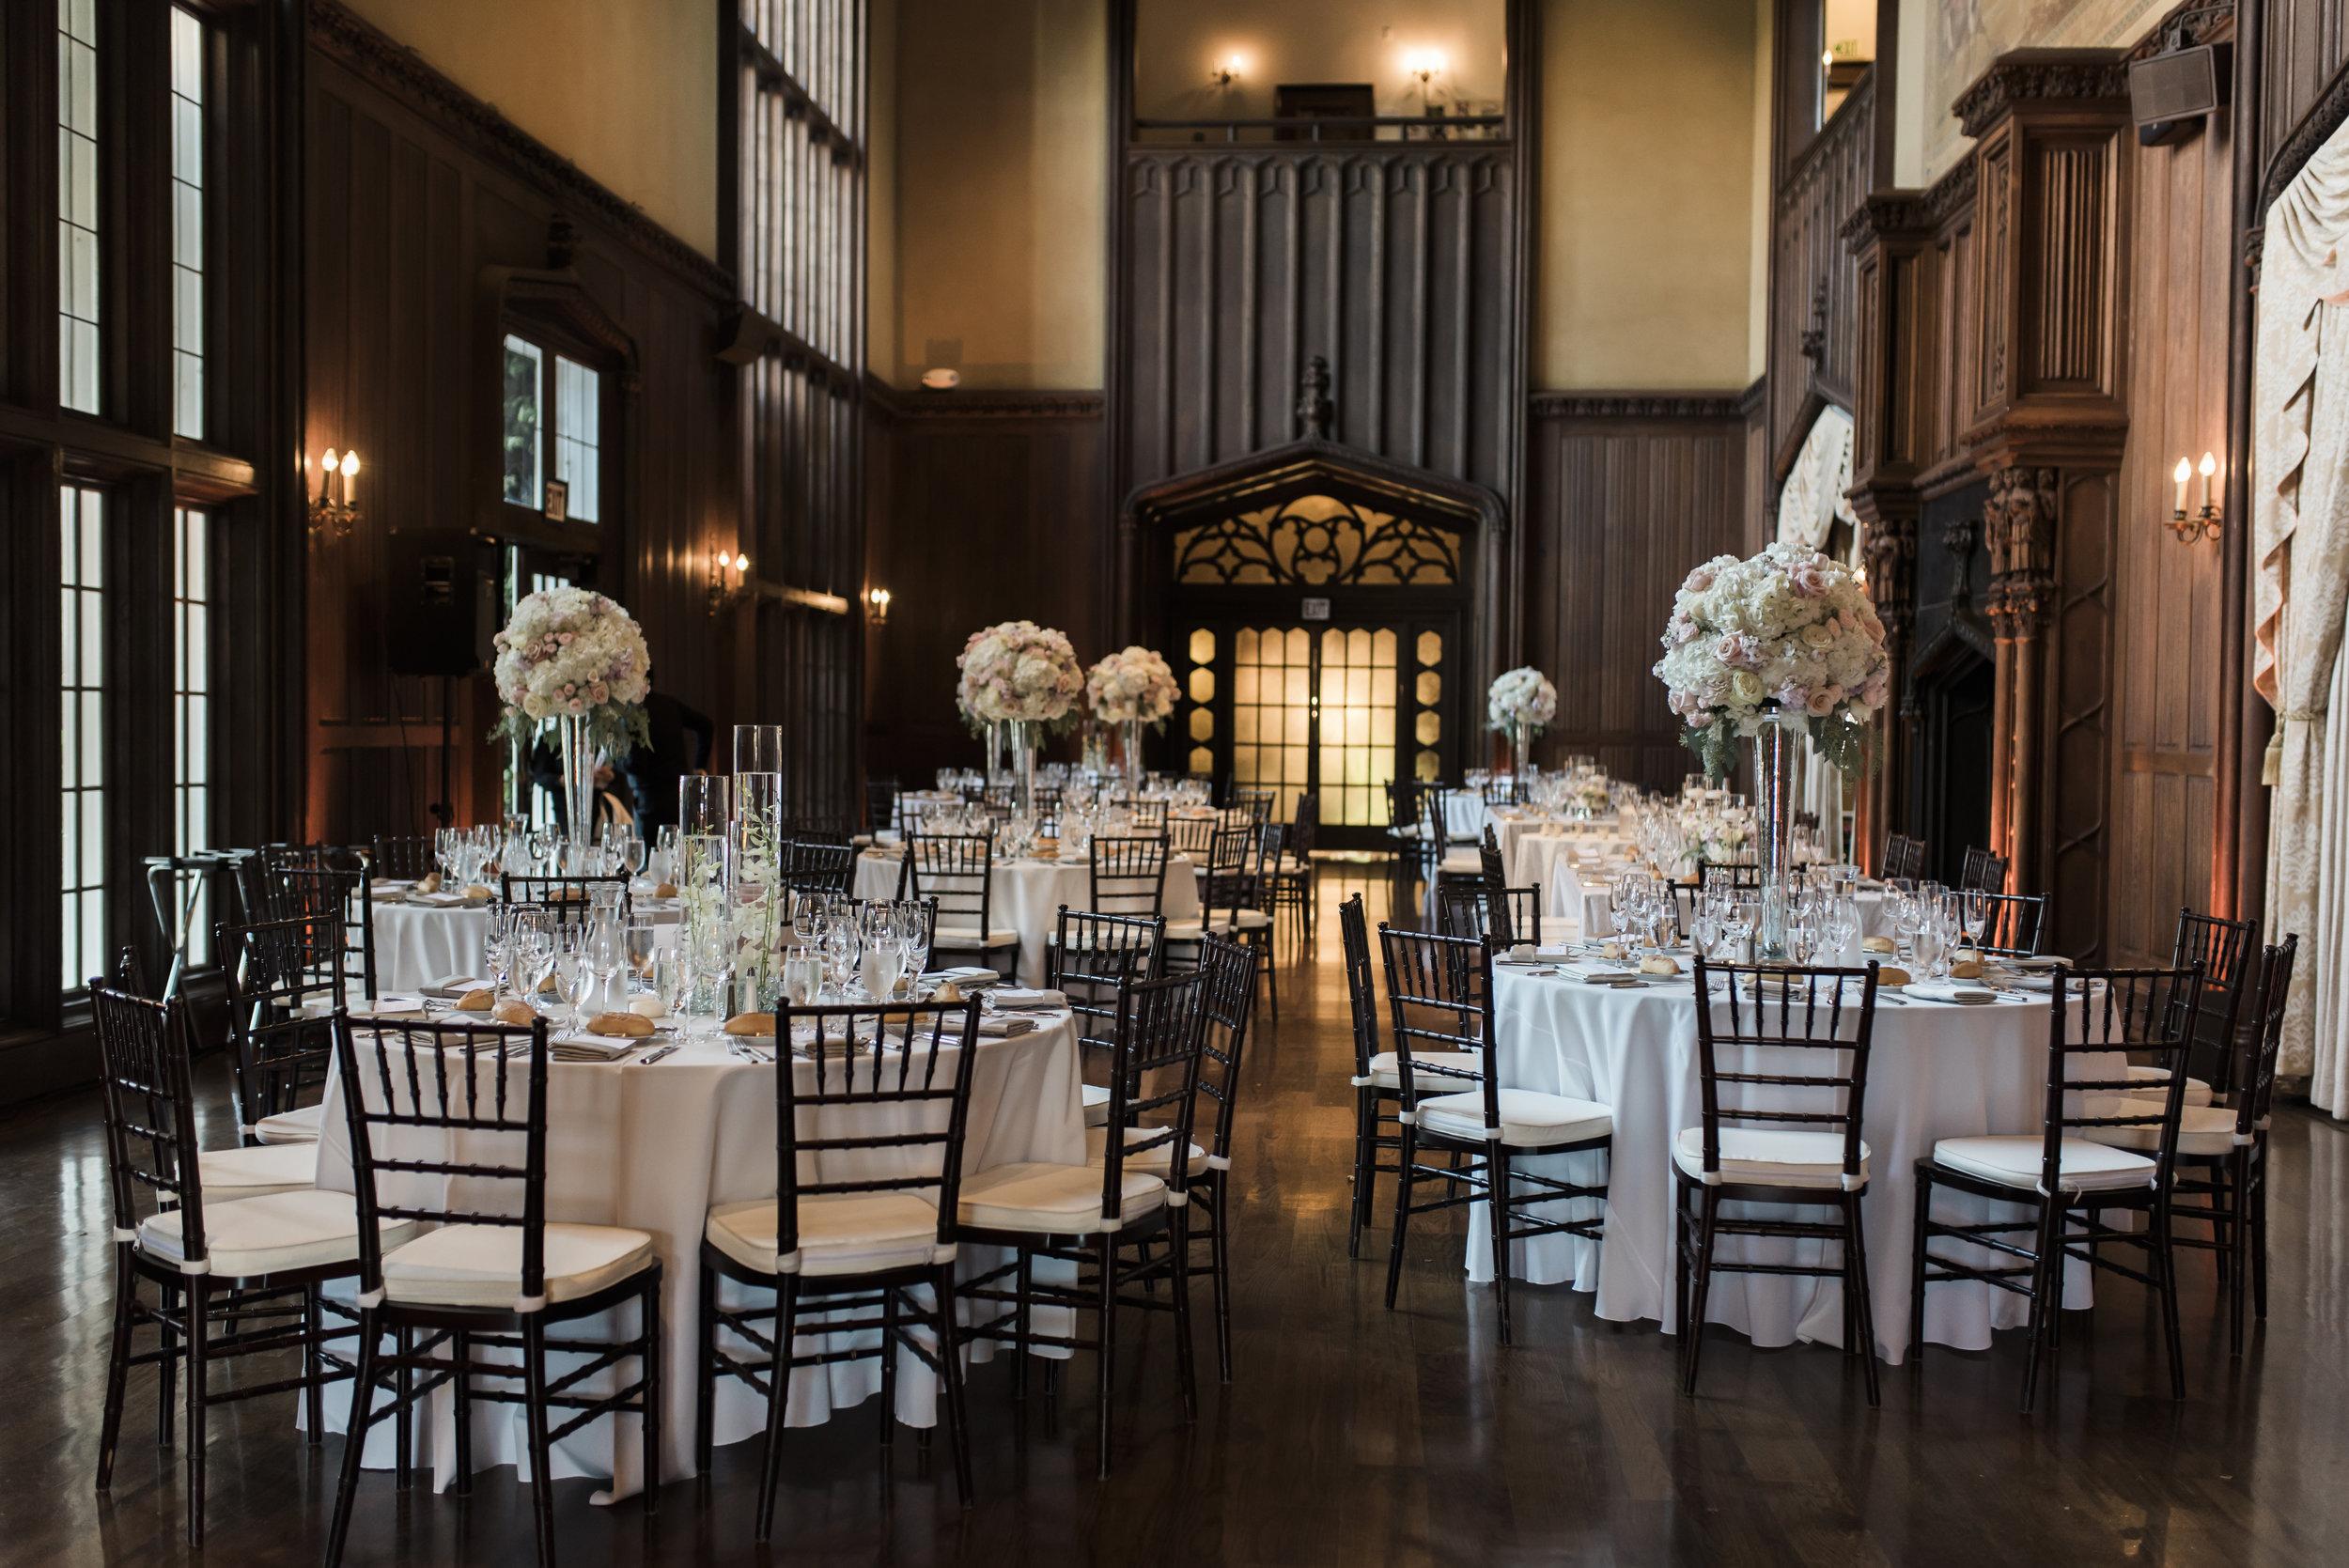 carien-will-wedding-564-(ZF-2465-09696-1-018).jpg